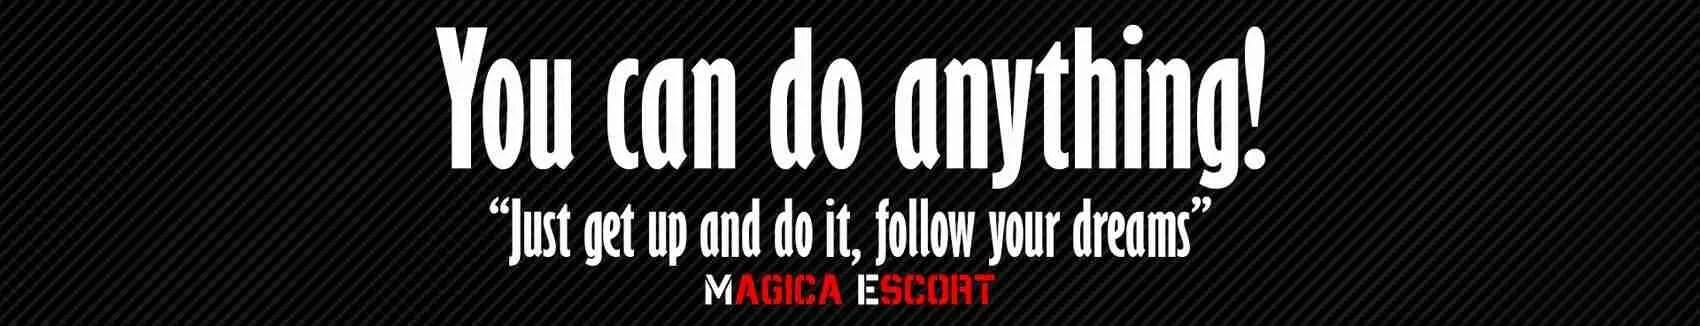 Escort new entry in Italia. Magica Escort